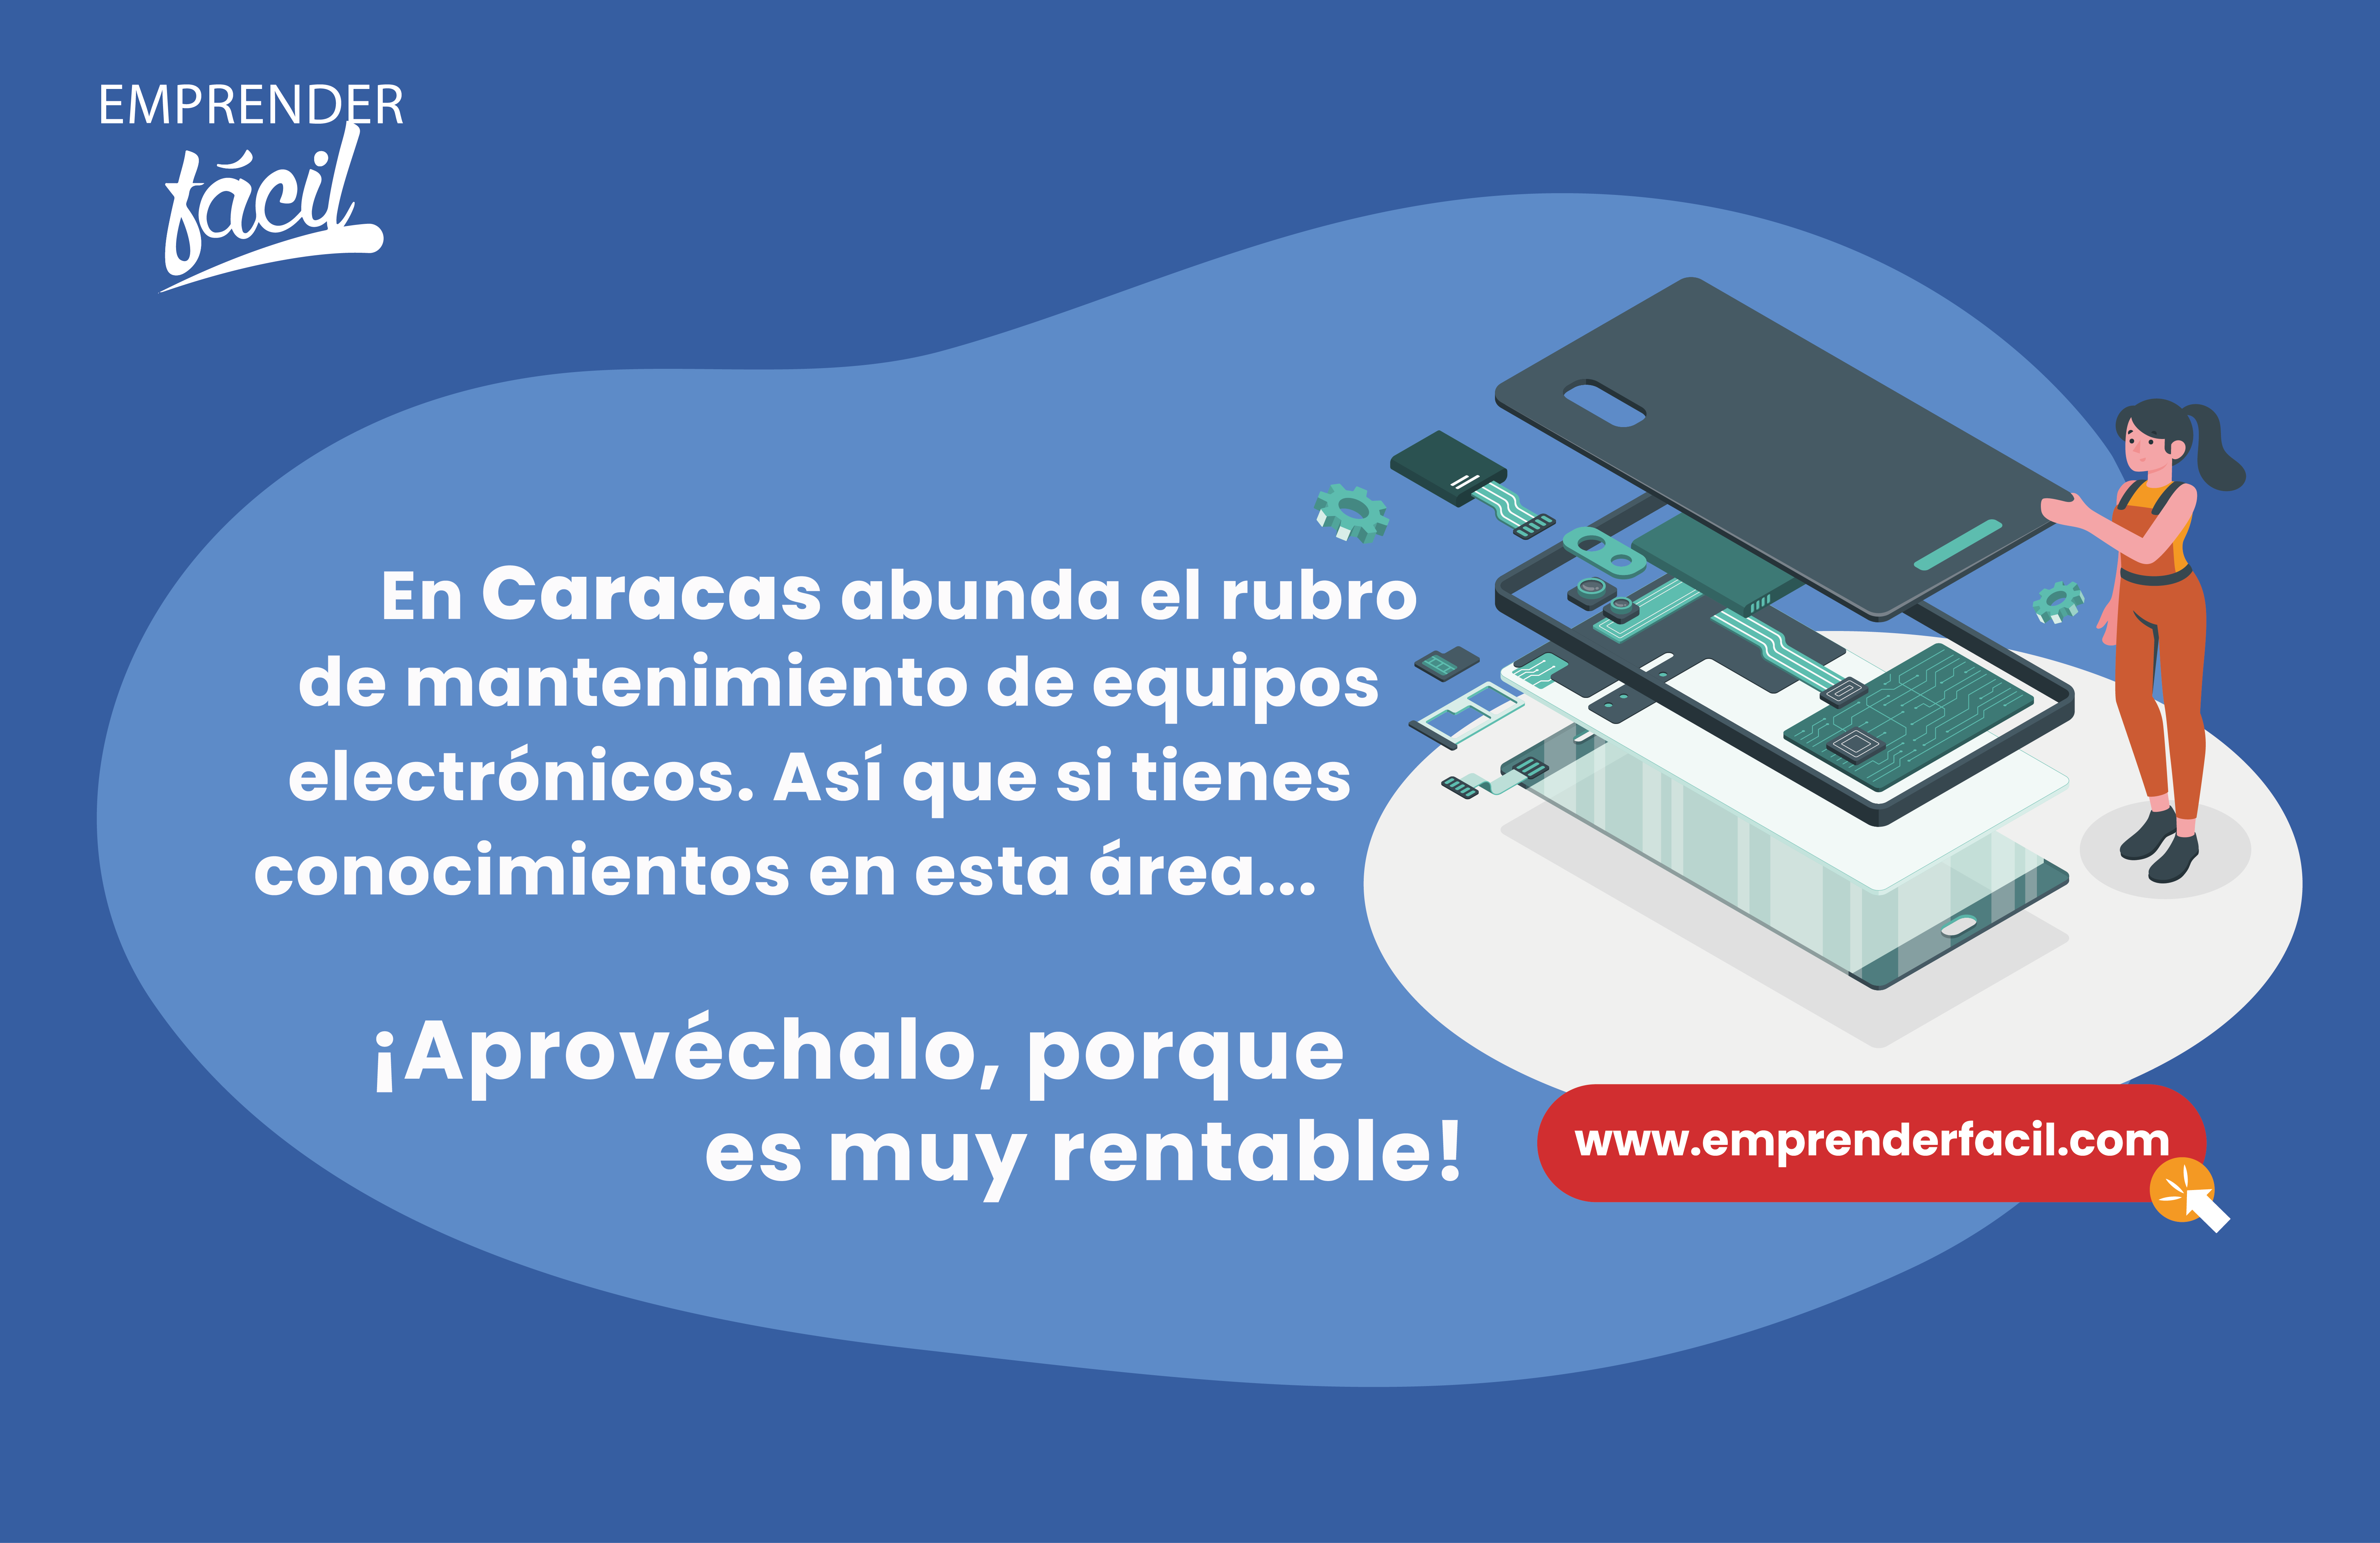 Realizar servicio técnico de equipos electrónicos, es uno de los negocios rentables en Caracas.